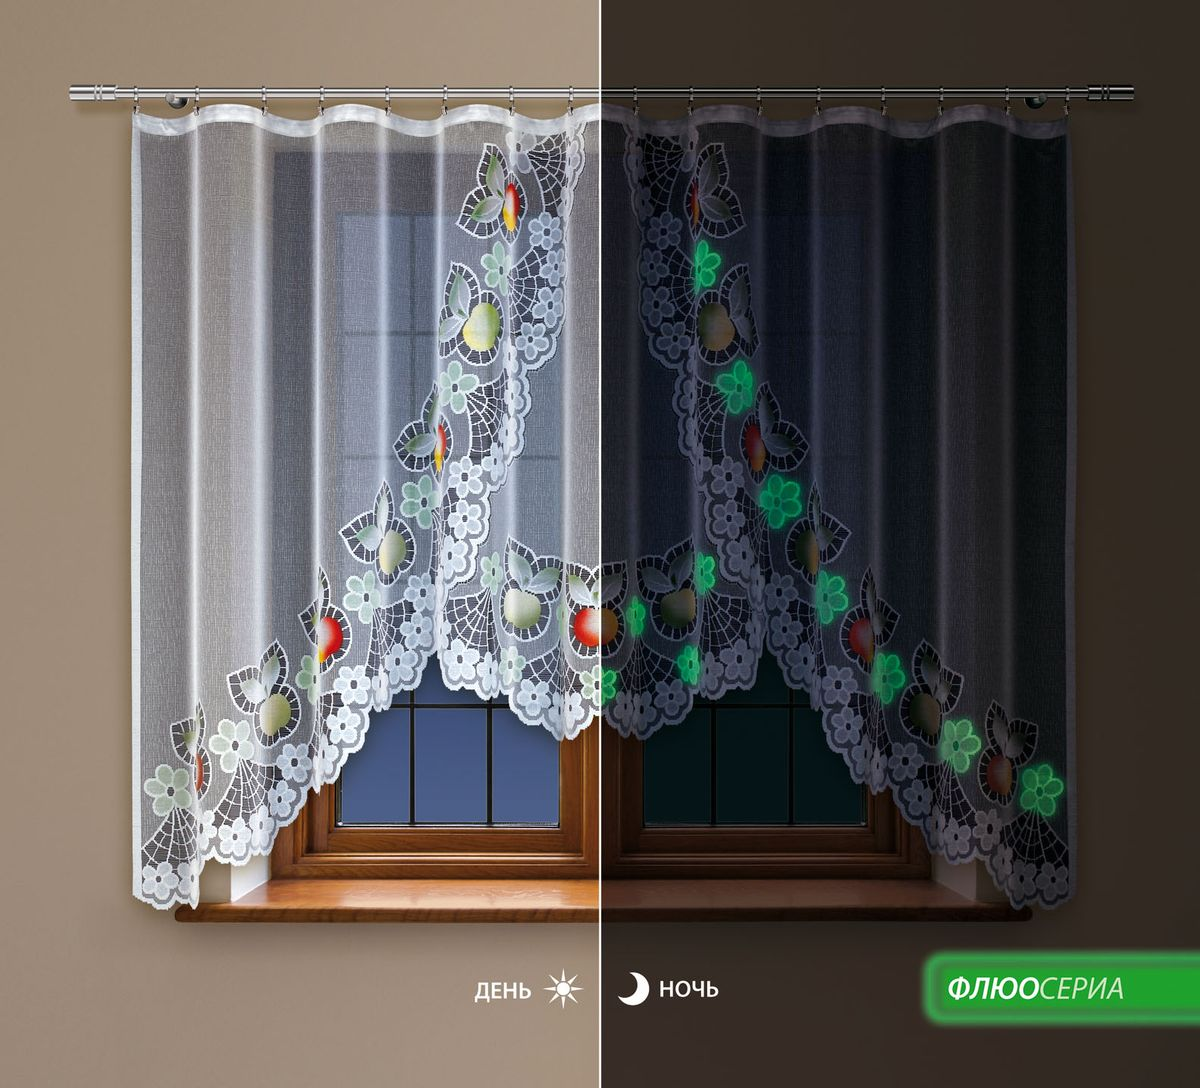 Гардина Haft Silver Line, на ленте, цвет: белый, высота 160 см. 219060/160219060/160Гардина Haft Silver Line изготовлена из полиэстера. Изделие выполнено из сетчатого материала и украшено ручной раскраской в виде цветов и яблок, светящихся ночью. Оригинальный дизайн и приятная цветовая гамма привлекут к себе внимание и органично впишутся в интерьер кухни. Оригинальное оформление гардины внесет разнообразие и подарит заряд положительного настроения. Гардина оснащена шторной лентой для красивой сборки.